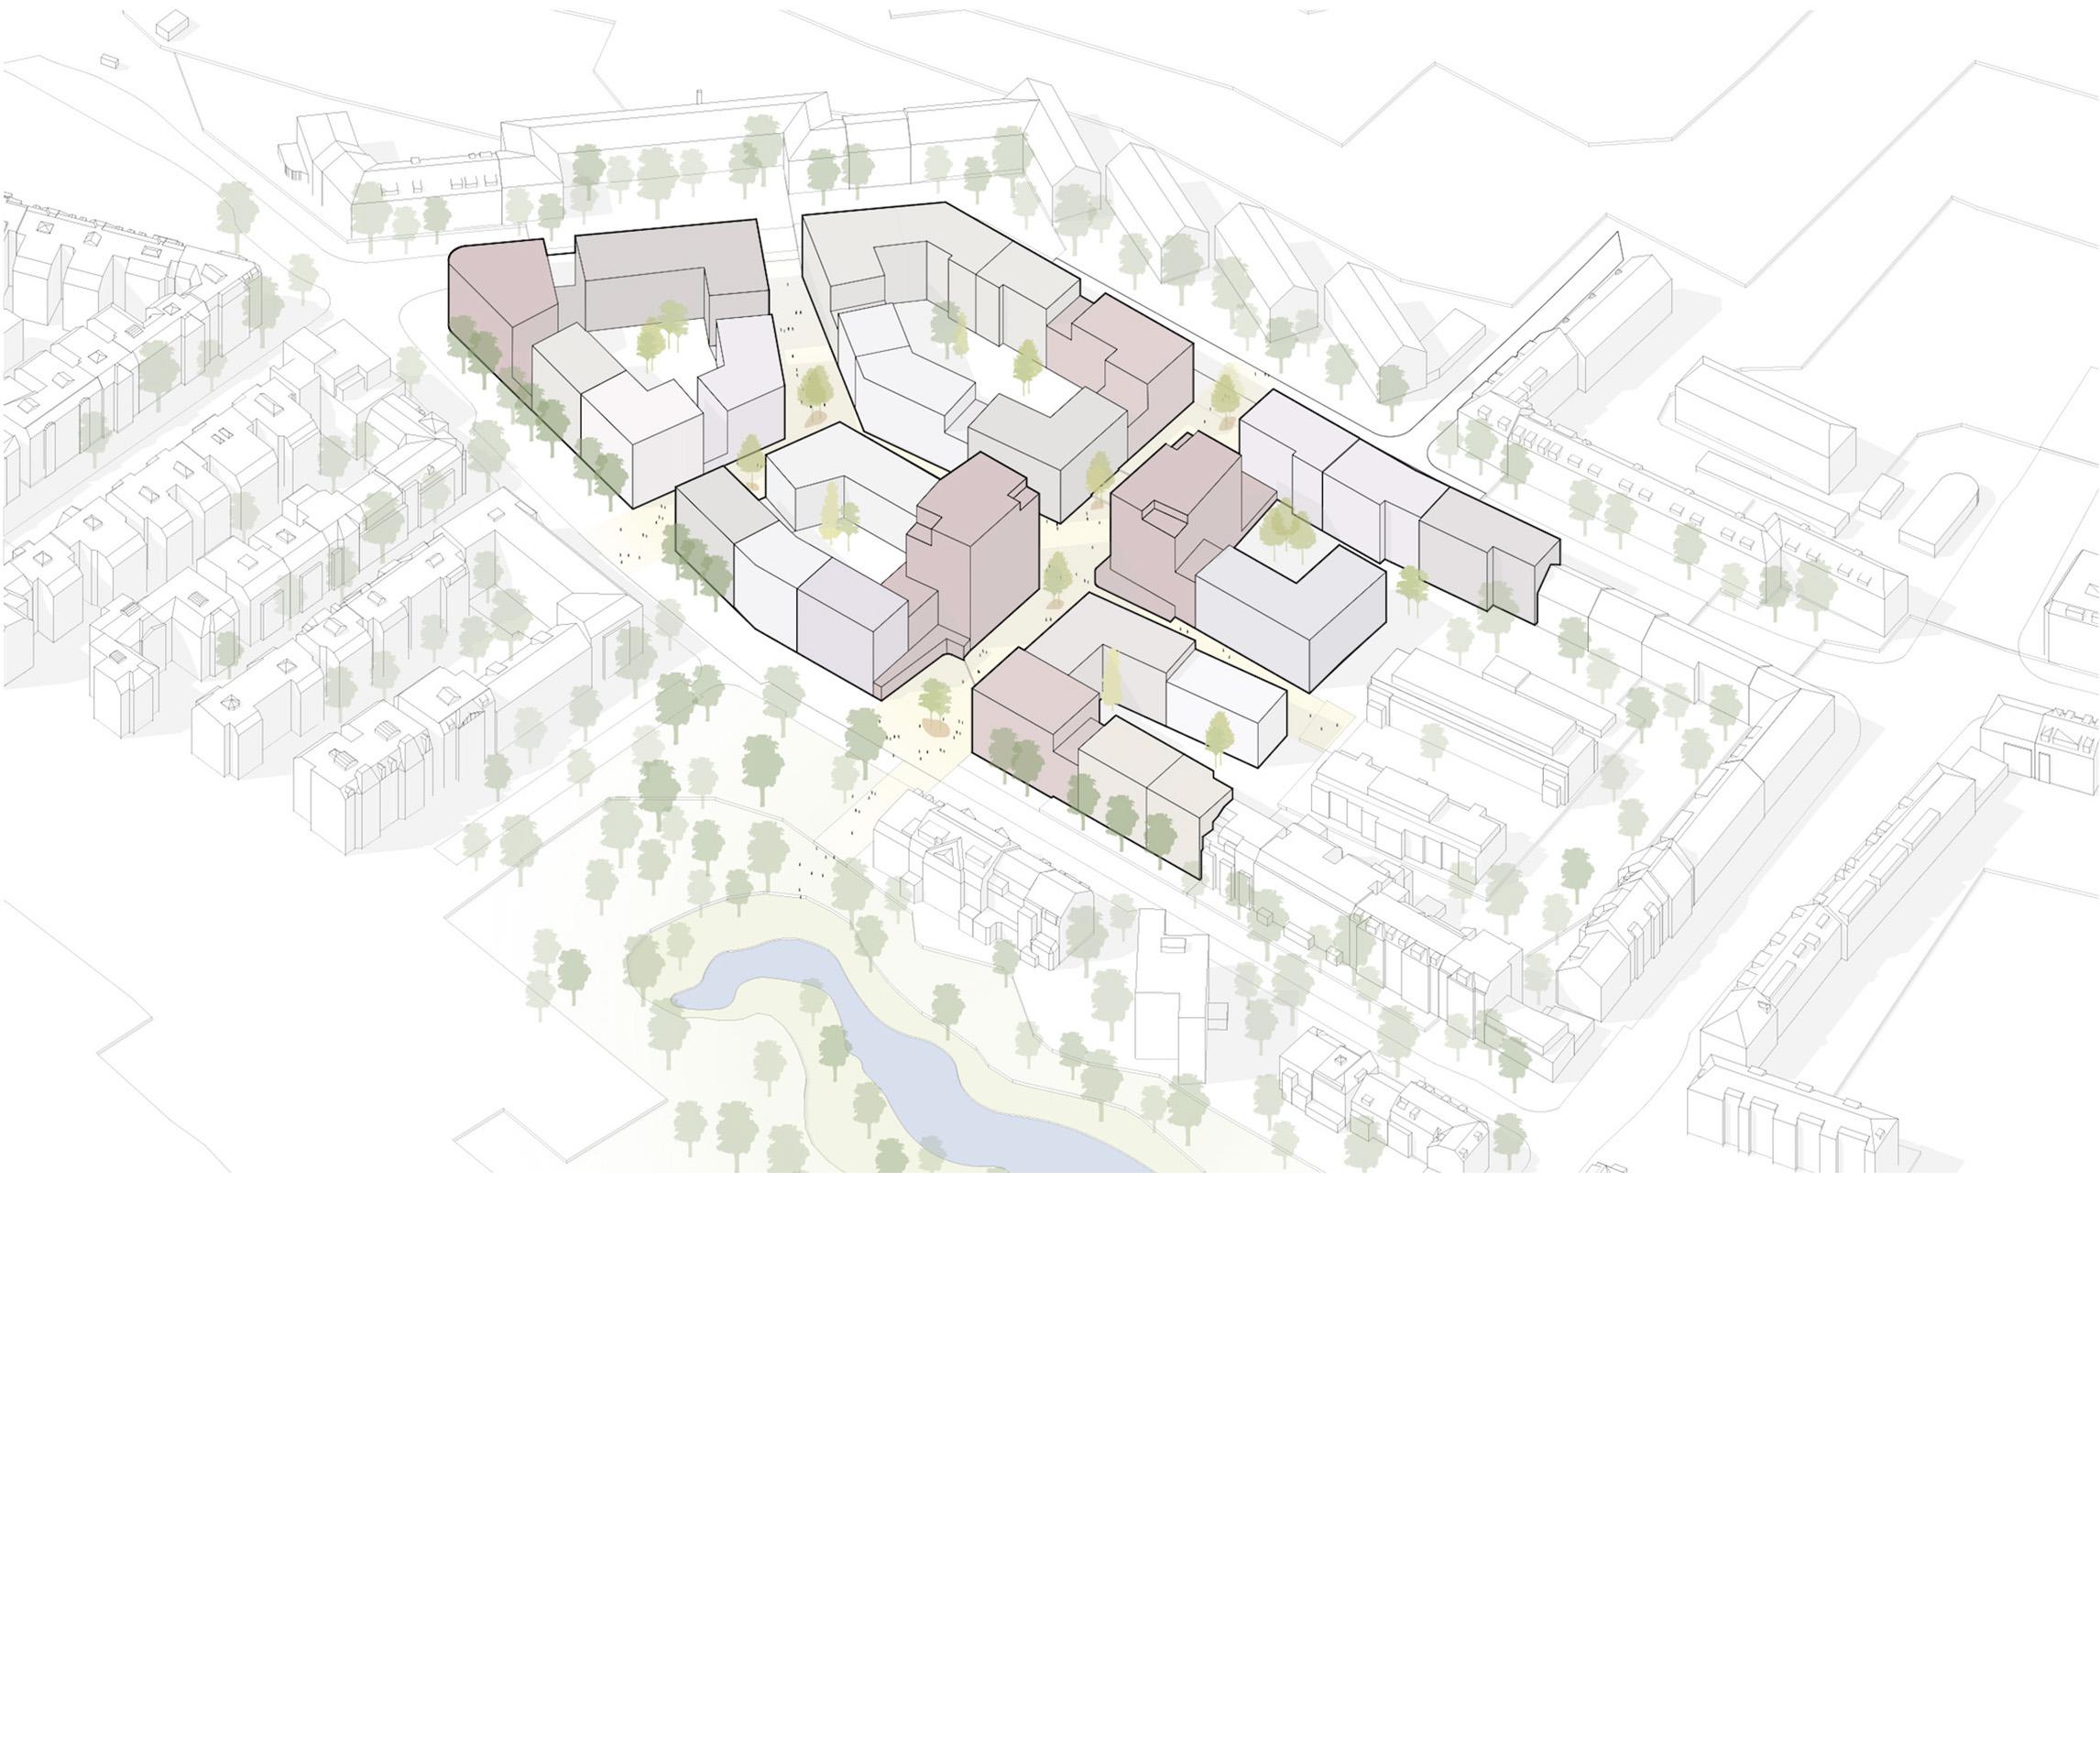 Das vorgeschlagene Konzept bietet die Möglichkeit, ein lebendiges Stadtquartier zu entwickeln. Die differenzierte Gebäudestruktur lässt unterschiedliche Grundrissoptionen zu und ist geeignet für vielfältige Nutzerstrukturen und Nutzergruppen. Nach außen nimmt das neue Quartier die Höhen der umgebenden Bebauung auf – innen differenzieren sich die Gebäudehöhen. Durch Einschnitte in der Blockrandbebauung und unterschiedliche Gebäudehöhen werden einzelne Häuser ablesbar.